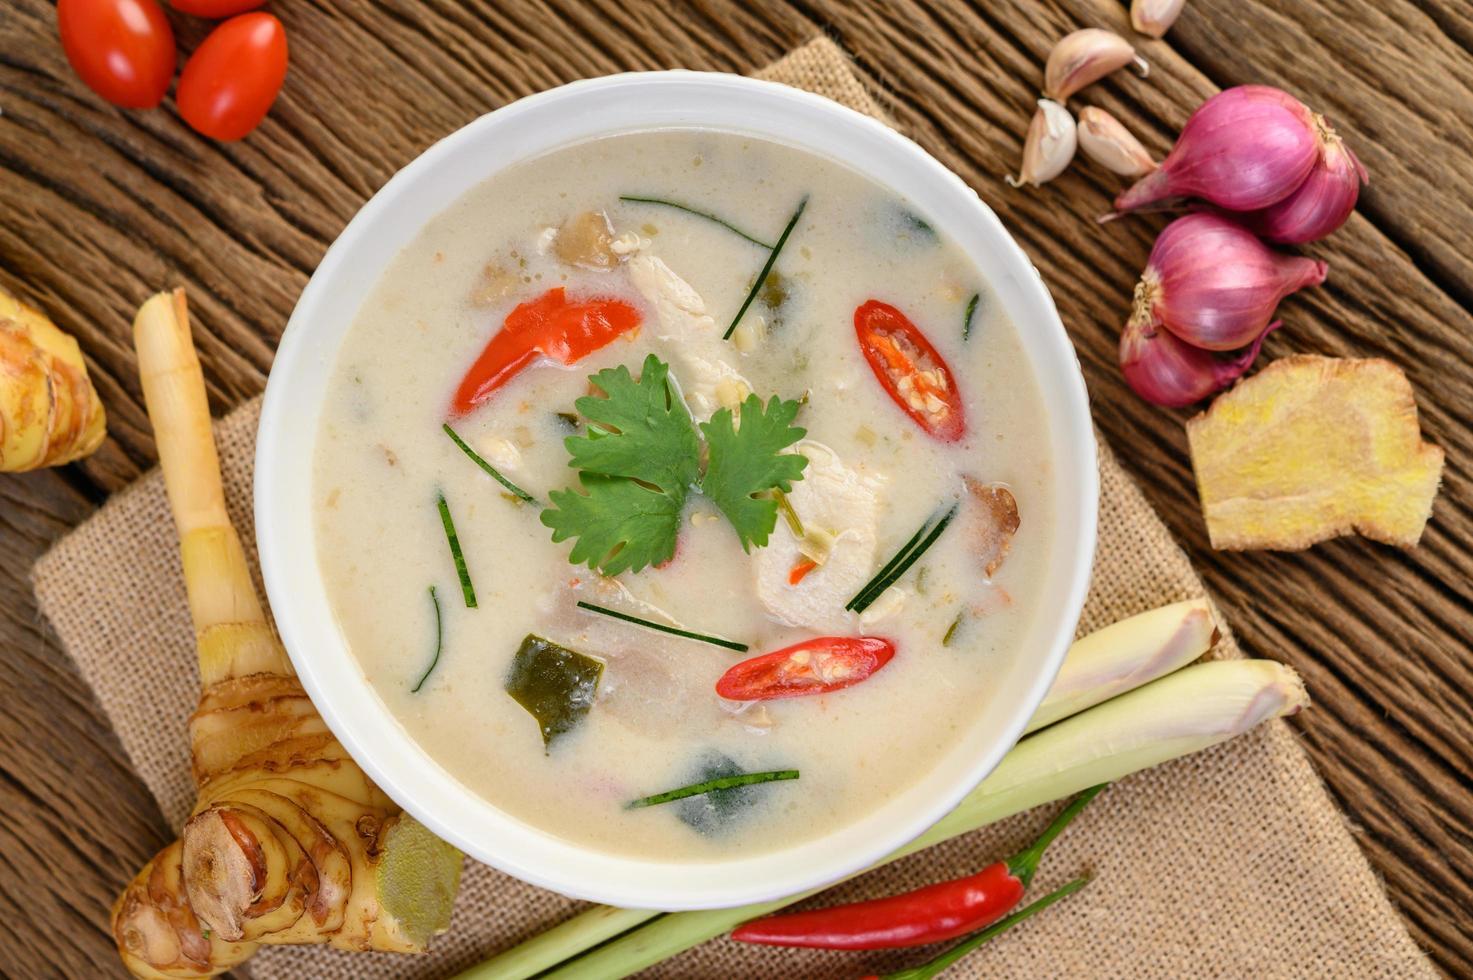 tom kha kai, sopa de coco tailandesa na mesa de madeira da cozinha foto